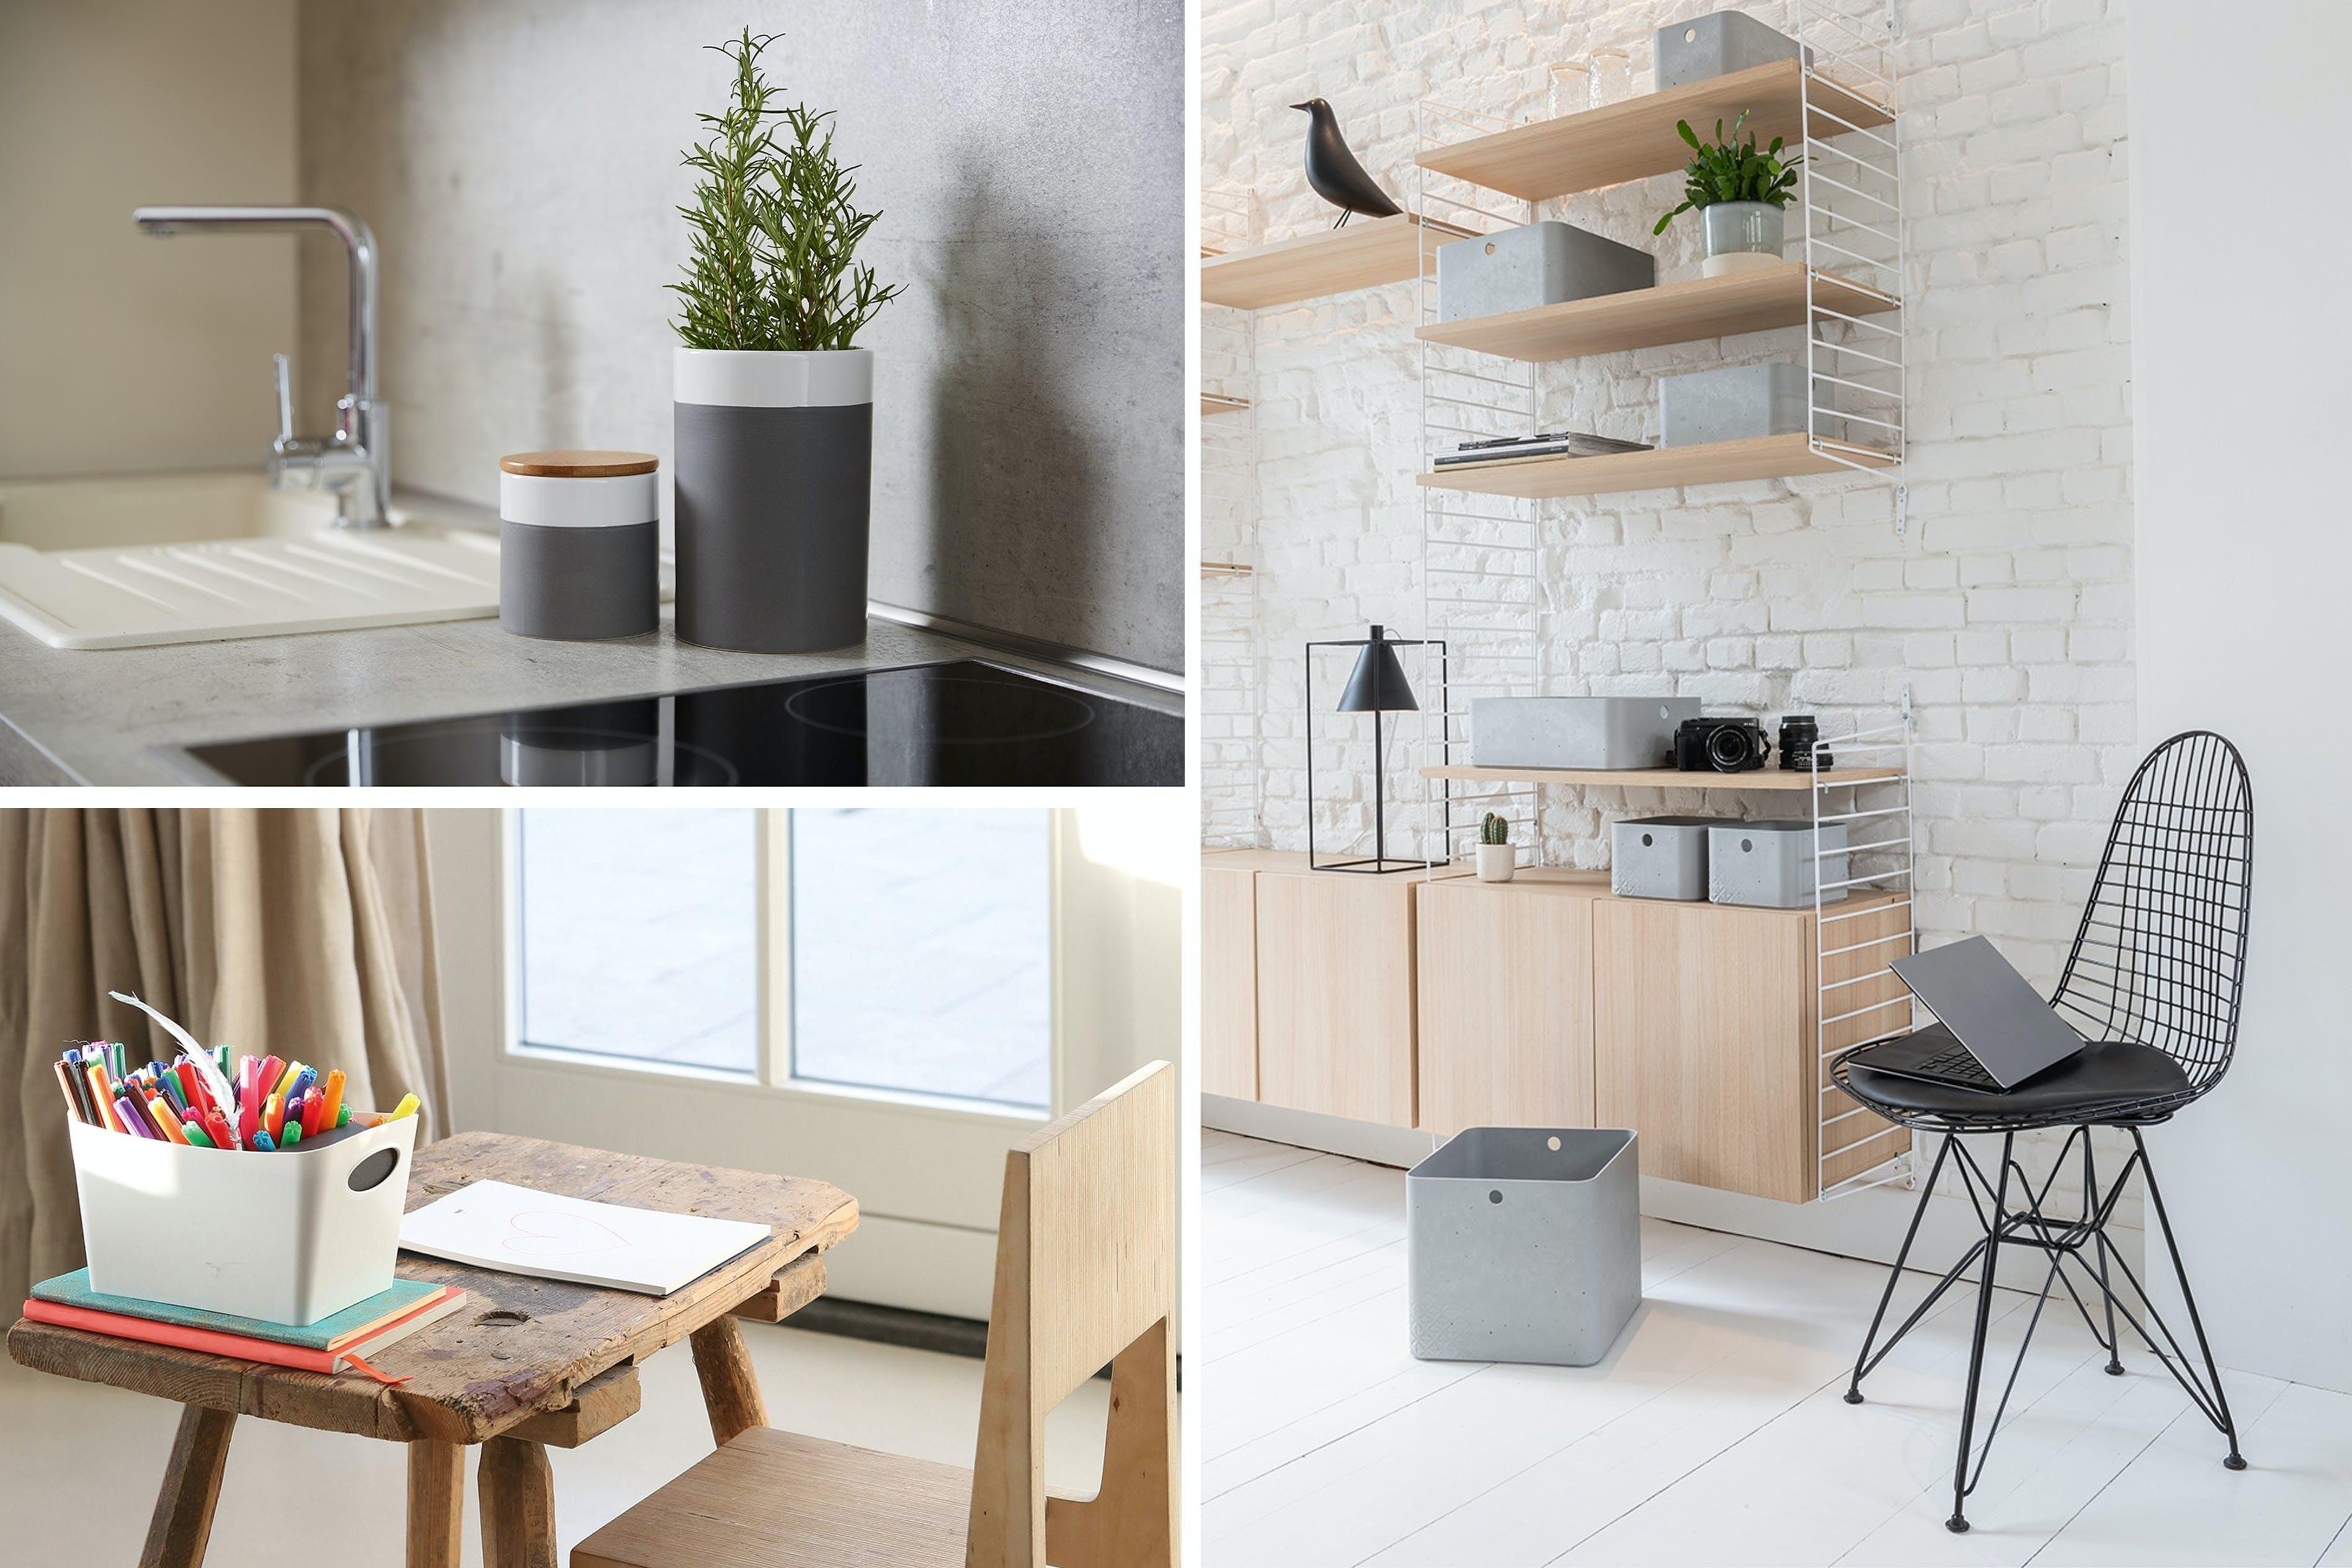 Aufgeräumte Küche, Arbeitszimmer und Kinderzimmer, um dein Zuhause in vollen Zügen zu genießen